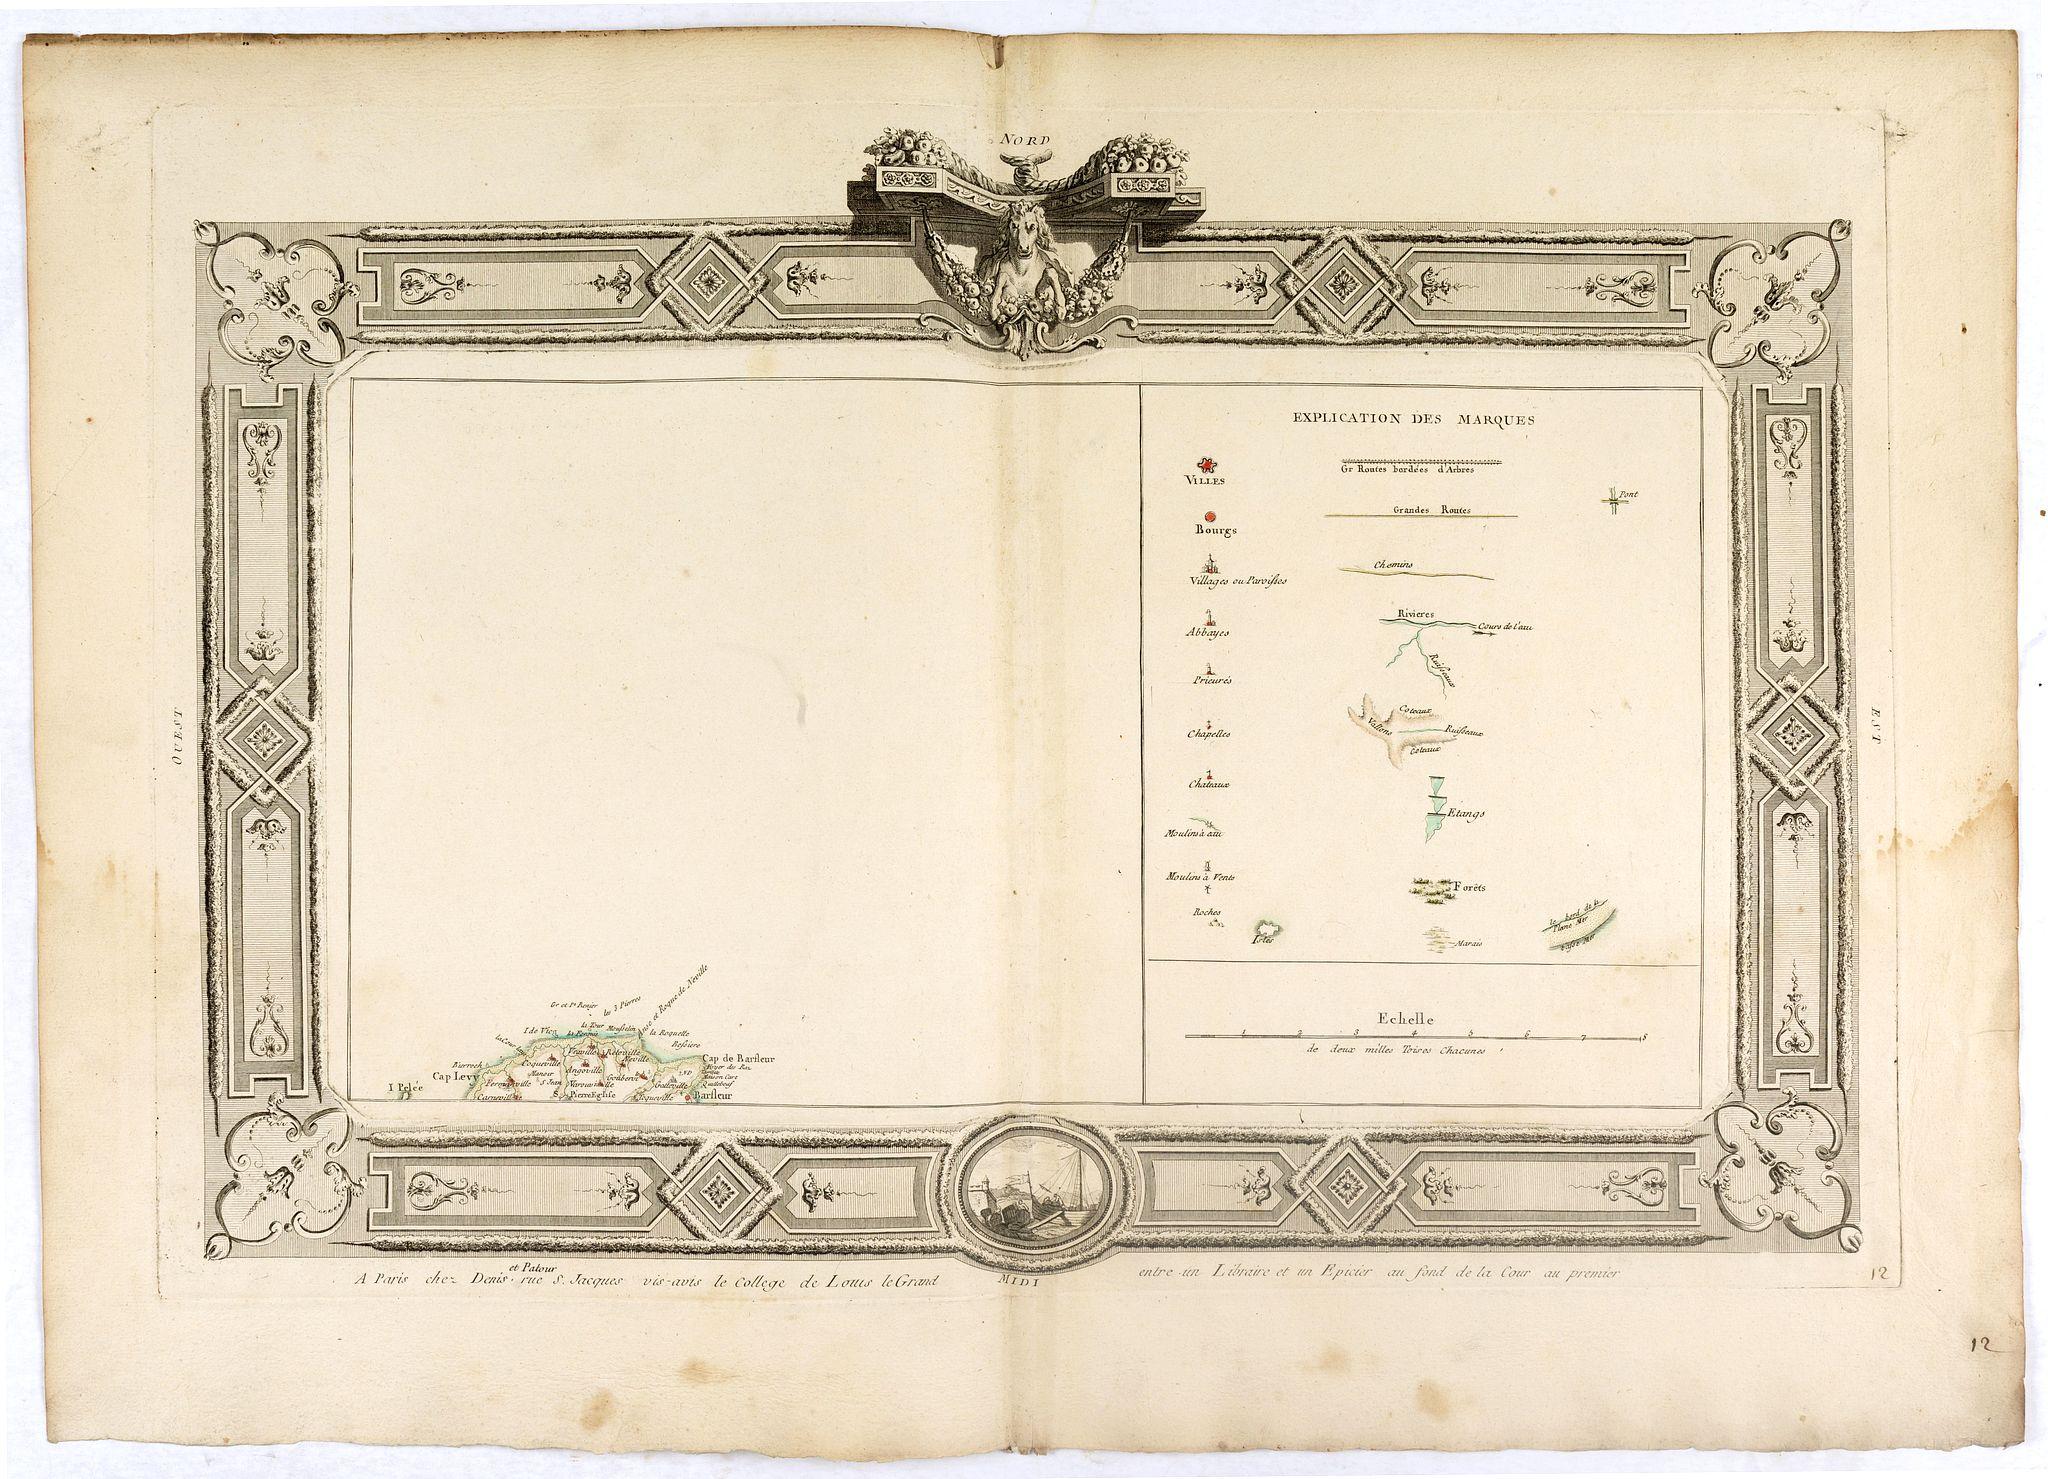 DENIS -  (Tableau d'explication des marques, p12)